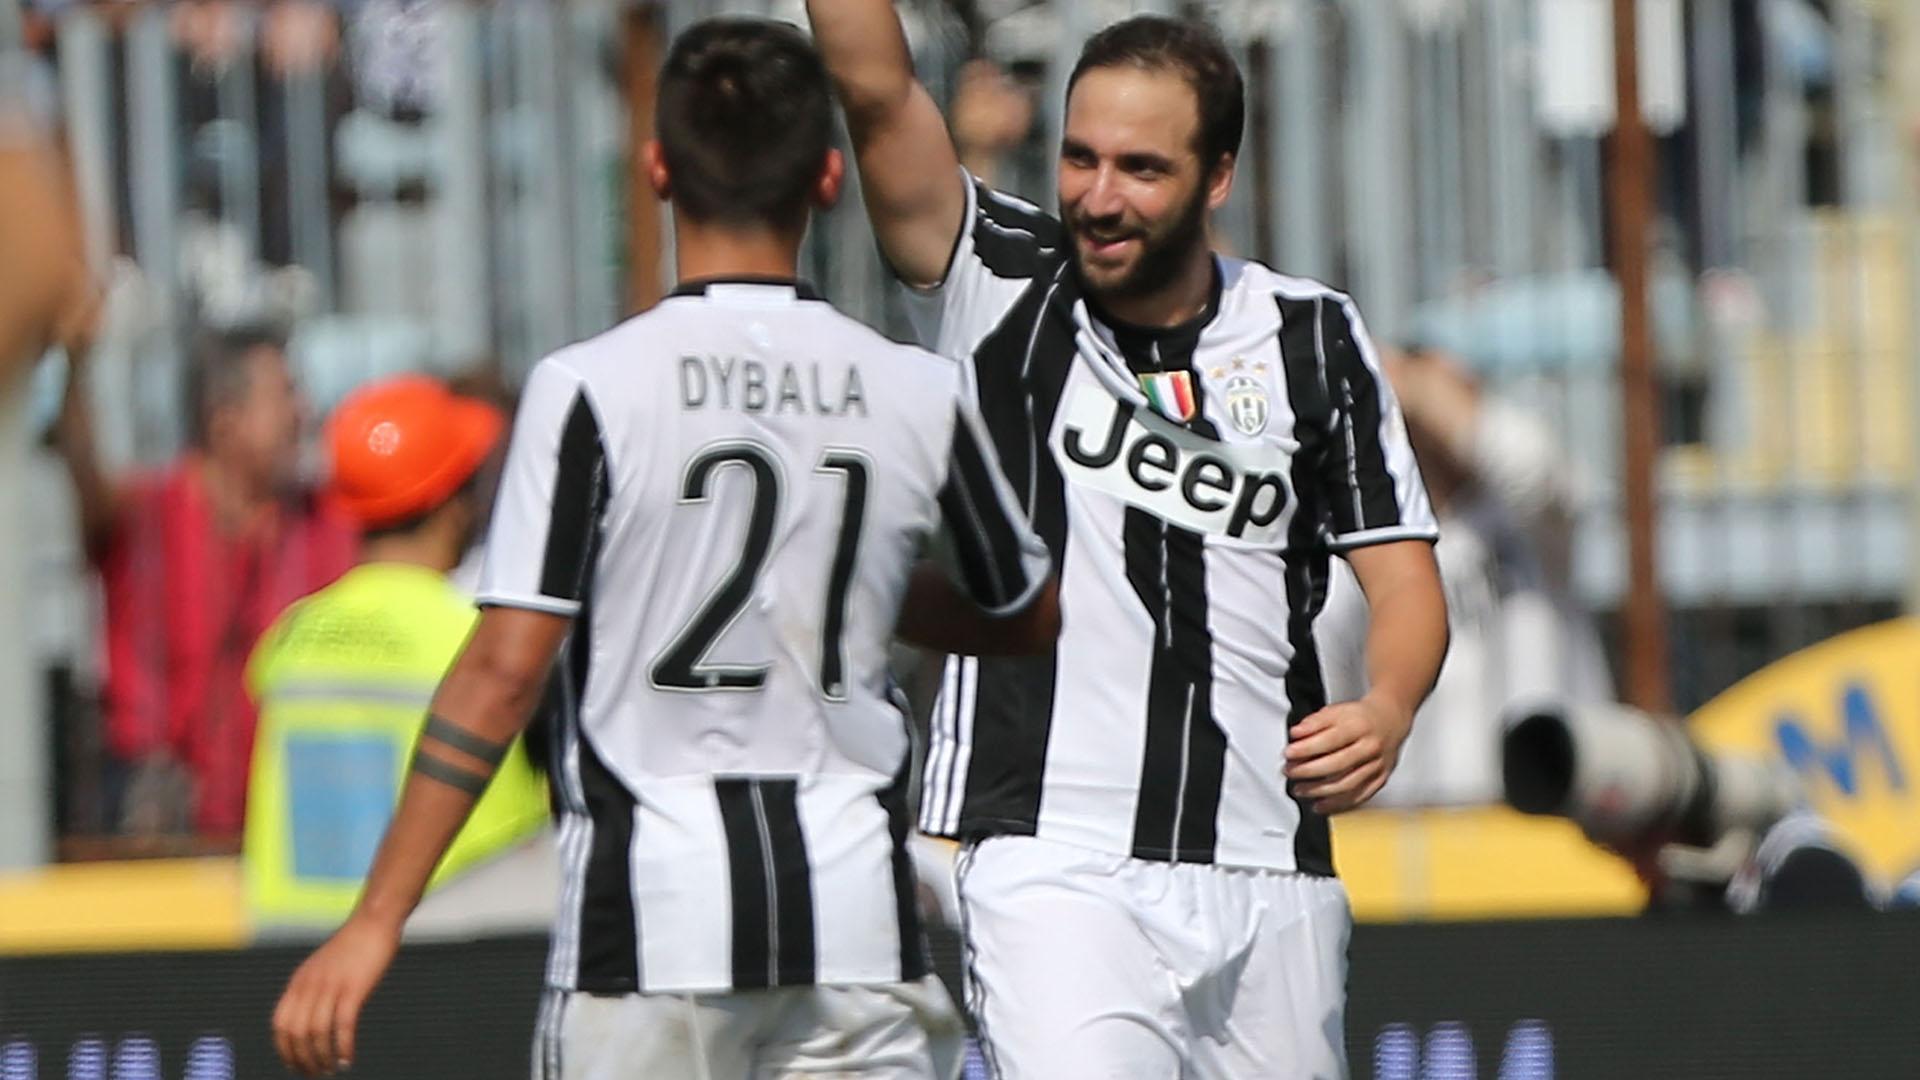 Giocatori prestati alle Nazionali: Juventus prima al mondo | Goal.com